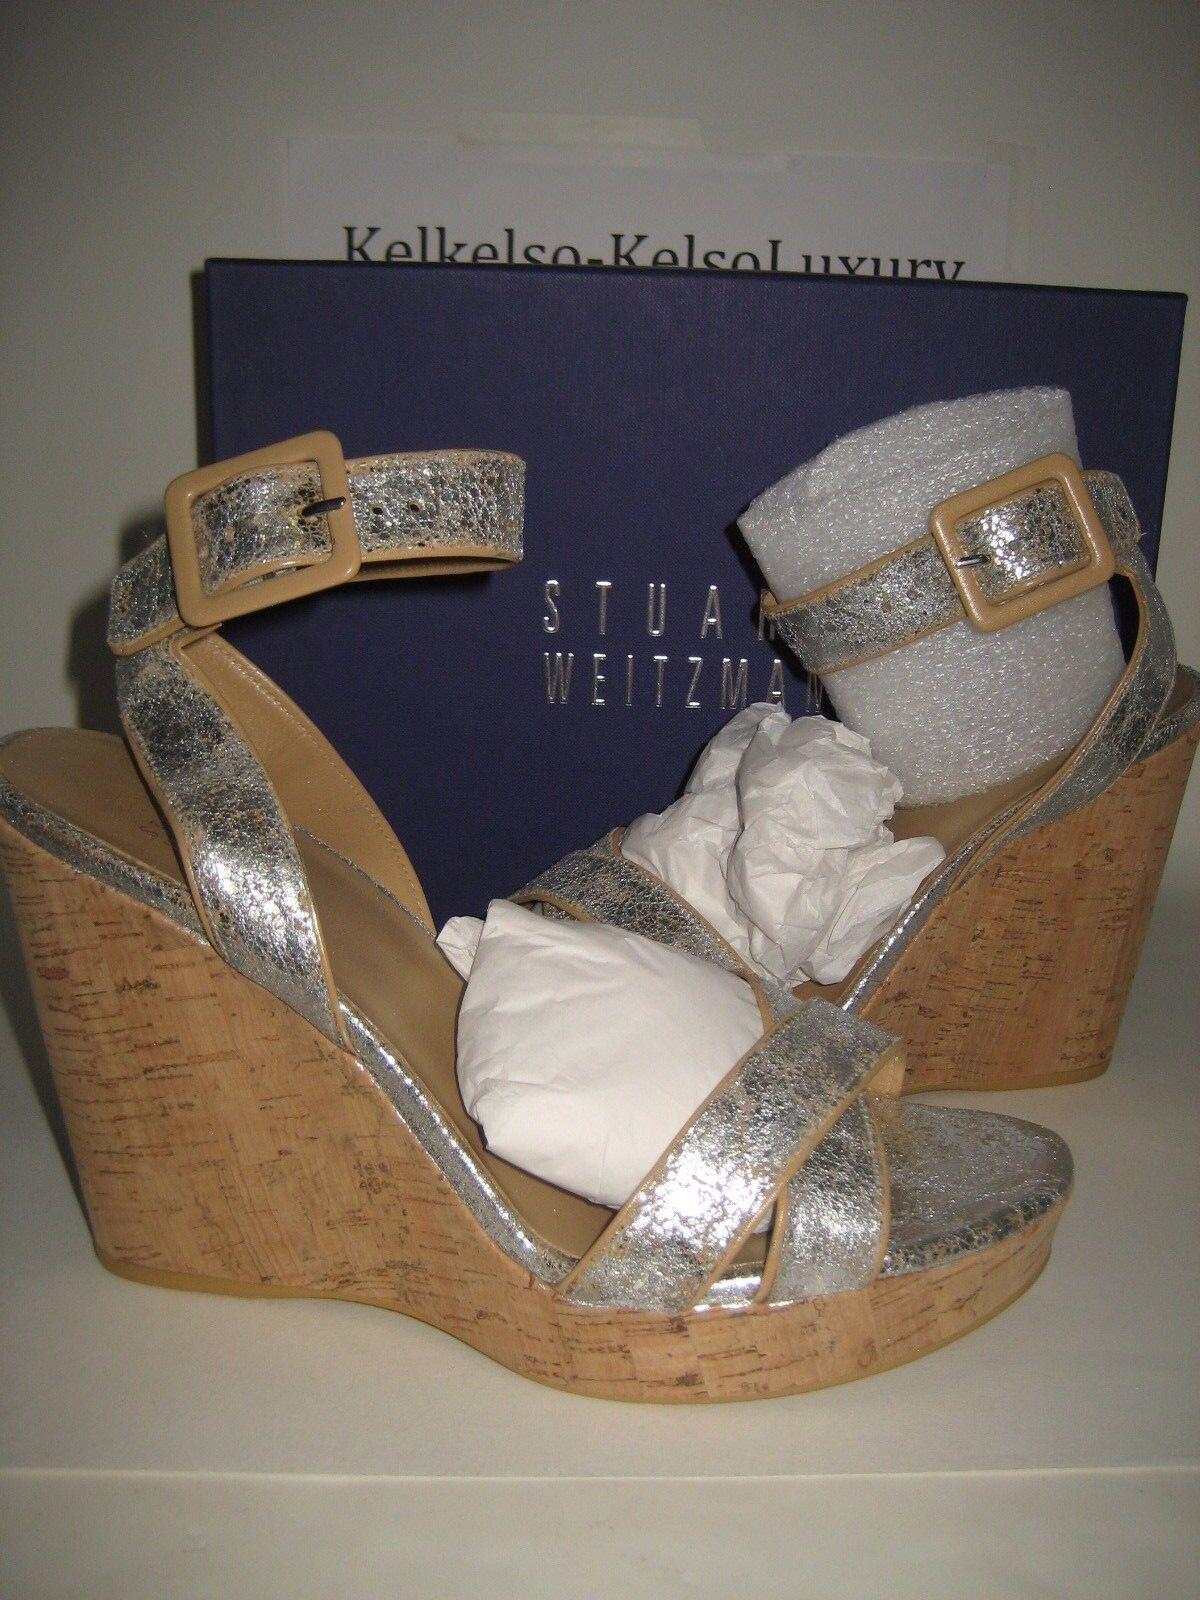 398 Nueva Stuart Weitzman Mujer EE. UU. 10 10 10 anexo Cromo agrietado Cuña Sandalias Zapatos Bx  entrega gratis